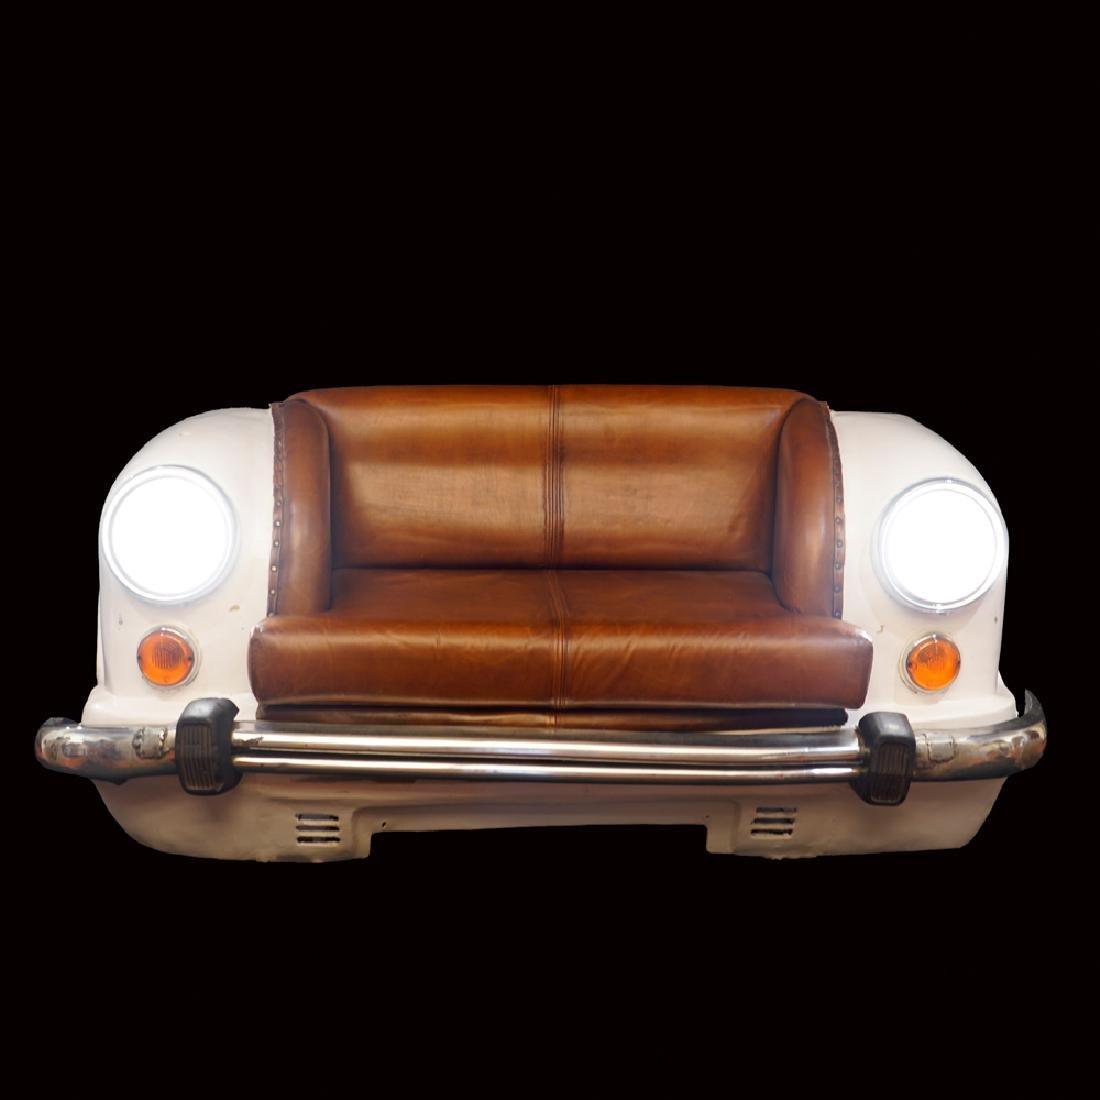 Fiat 850 sofa 20th century 75x150x80 cm. - 2